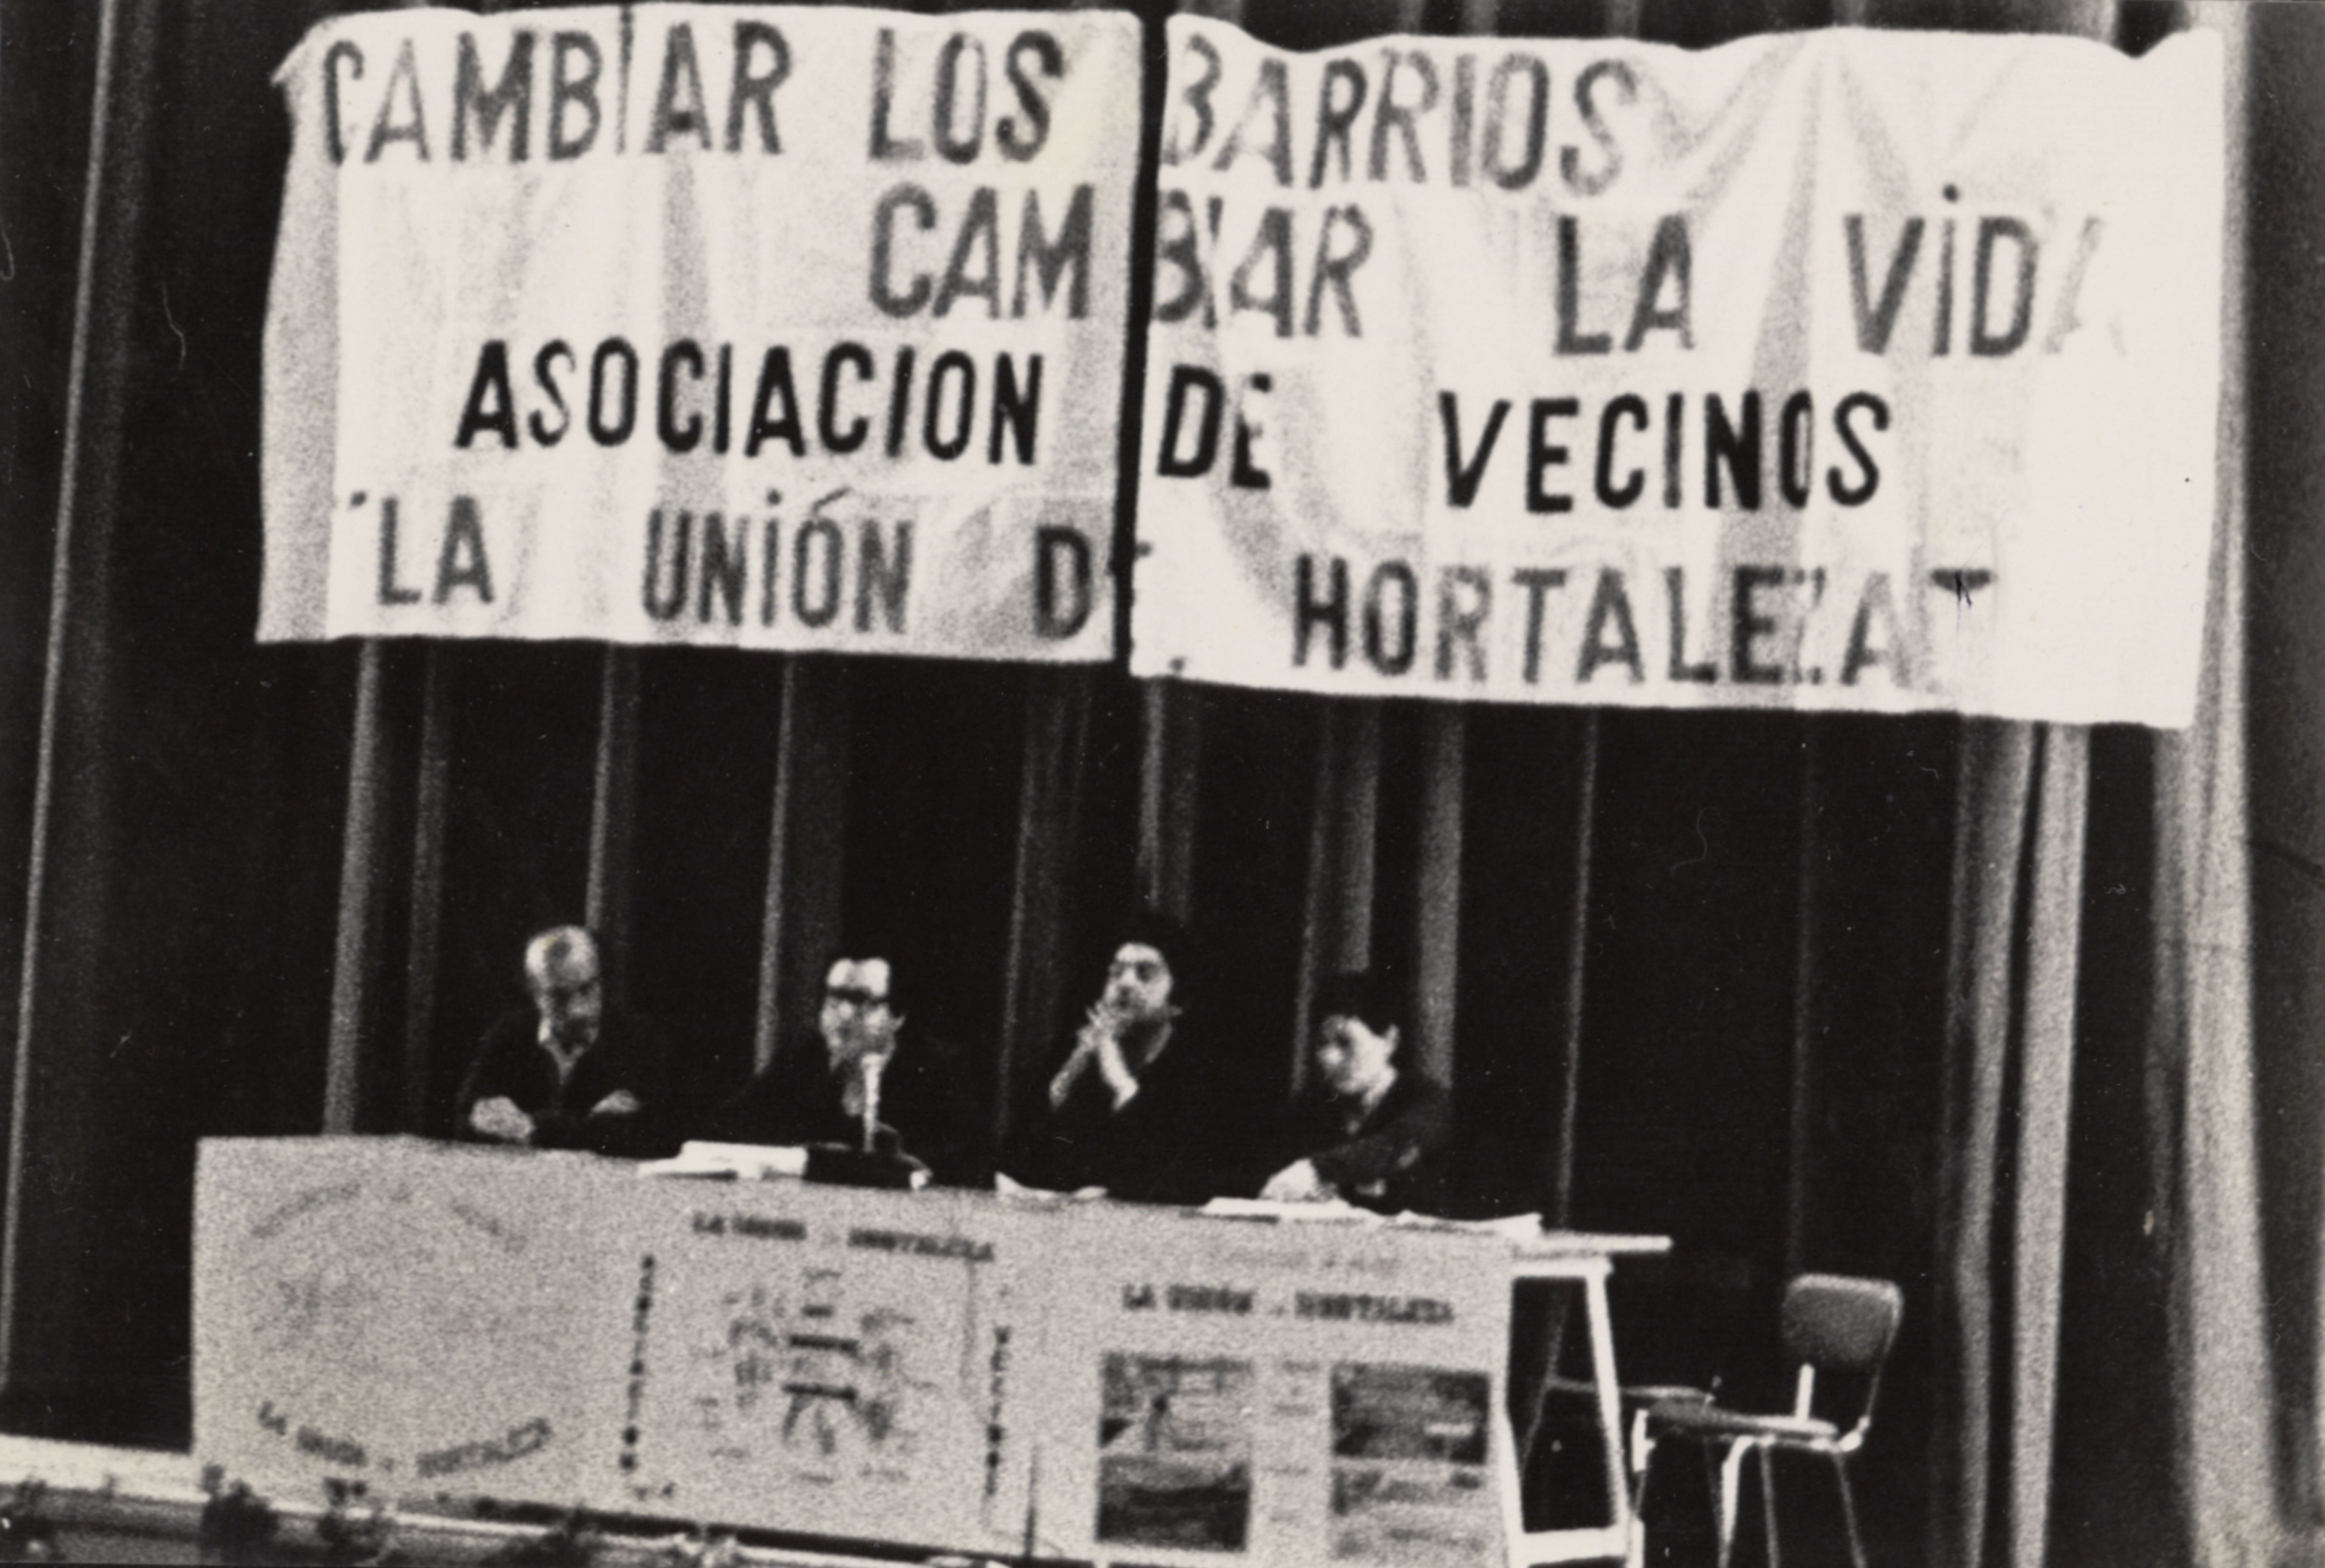 La Unión de Hortaleza, 40 años de lucha vecinal